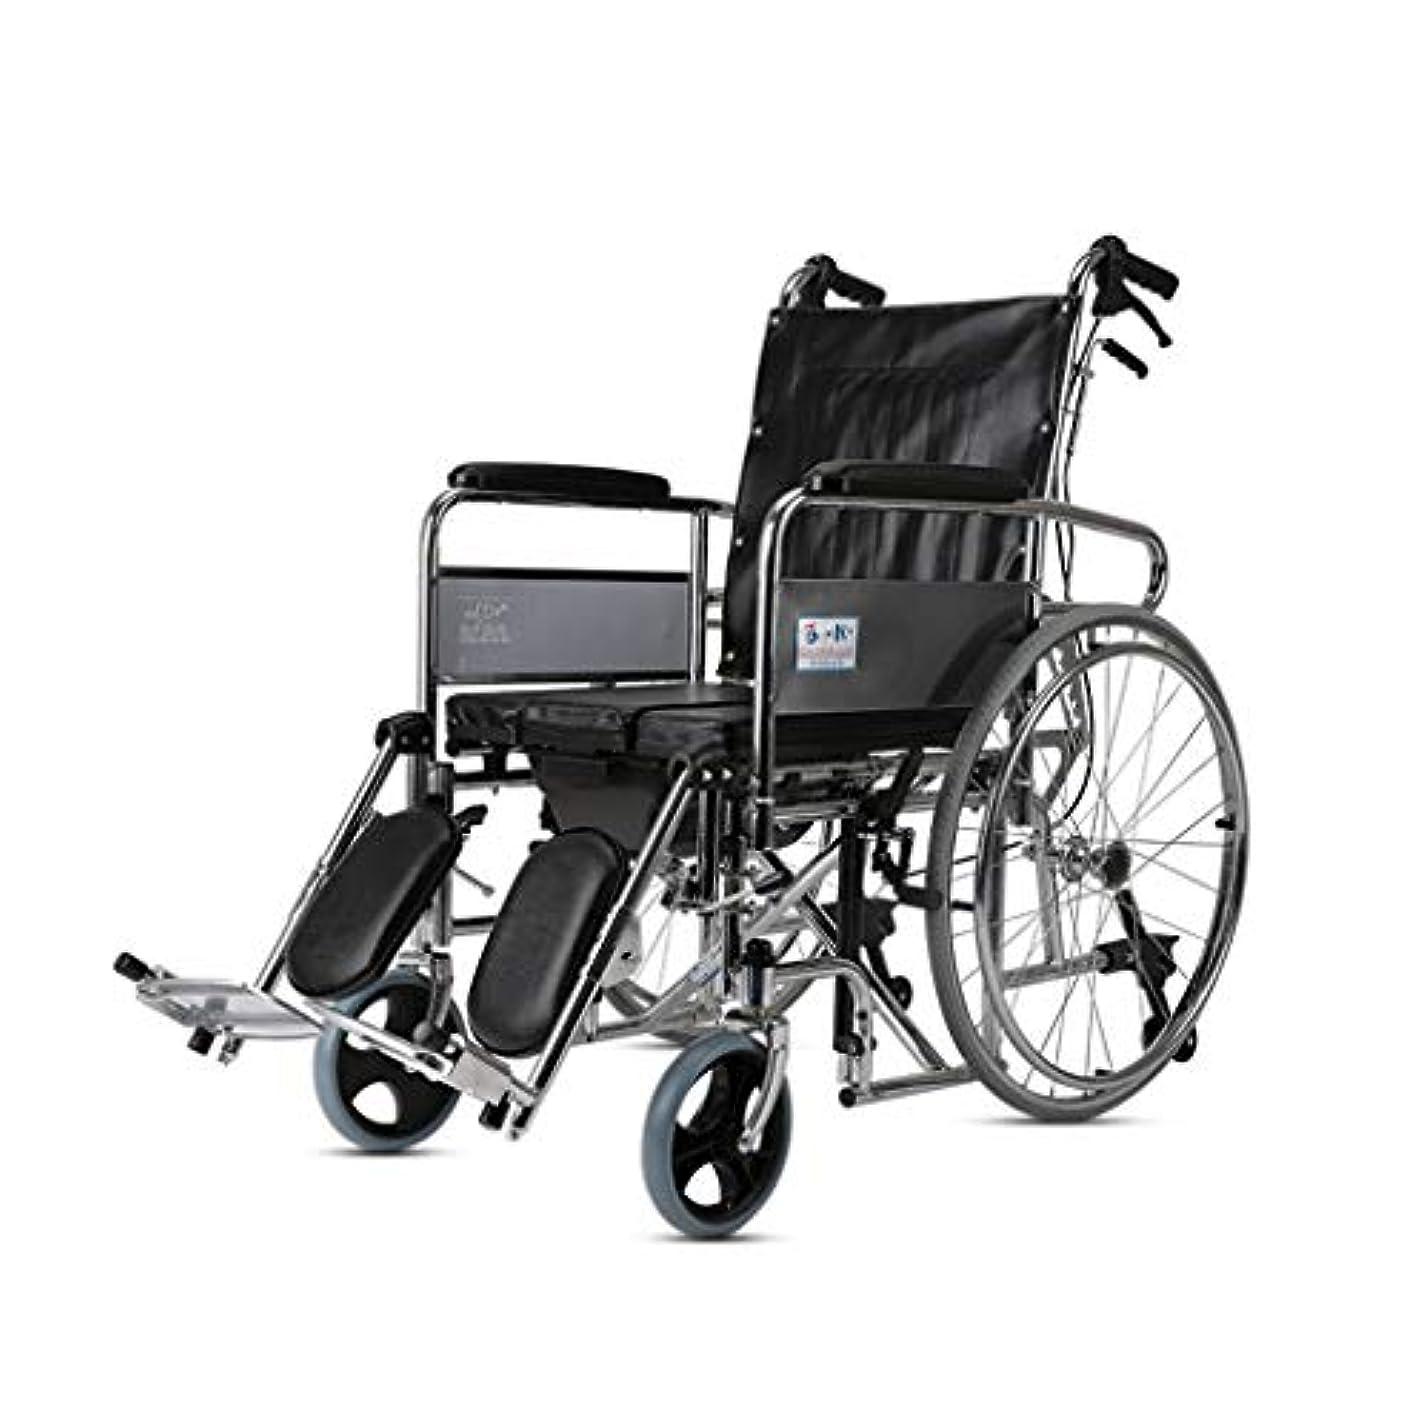 まつげ机後退する折り畳み式車椅子超軽量ポータブル多機能ハンドプッシュ車椅子高齢者と障害者のために人間工学に基づいた